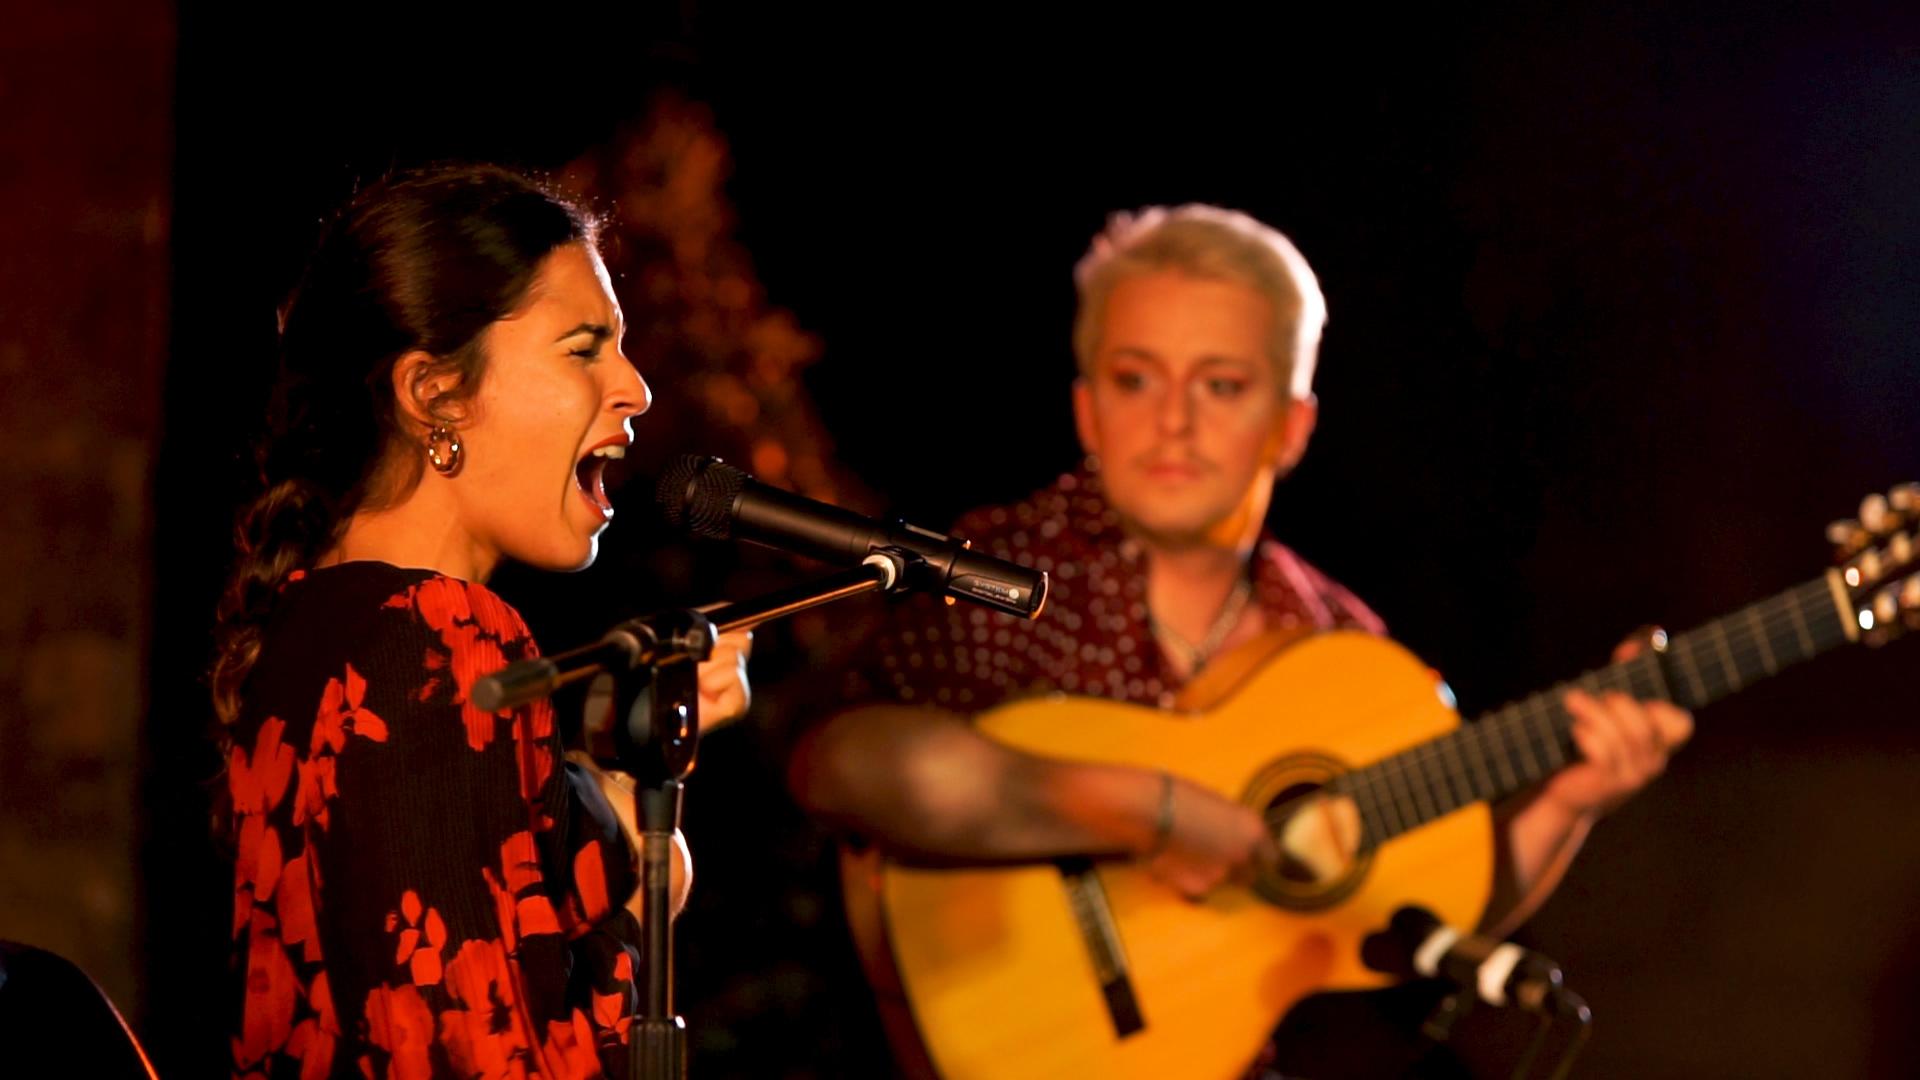 Flamenco en Arles propose des stages de découverte et avancé de chant, guitare et compas flamenco, avec la cantaora Laura Marchal, le guitariste Jero Ferec et au compas Jésus Campos